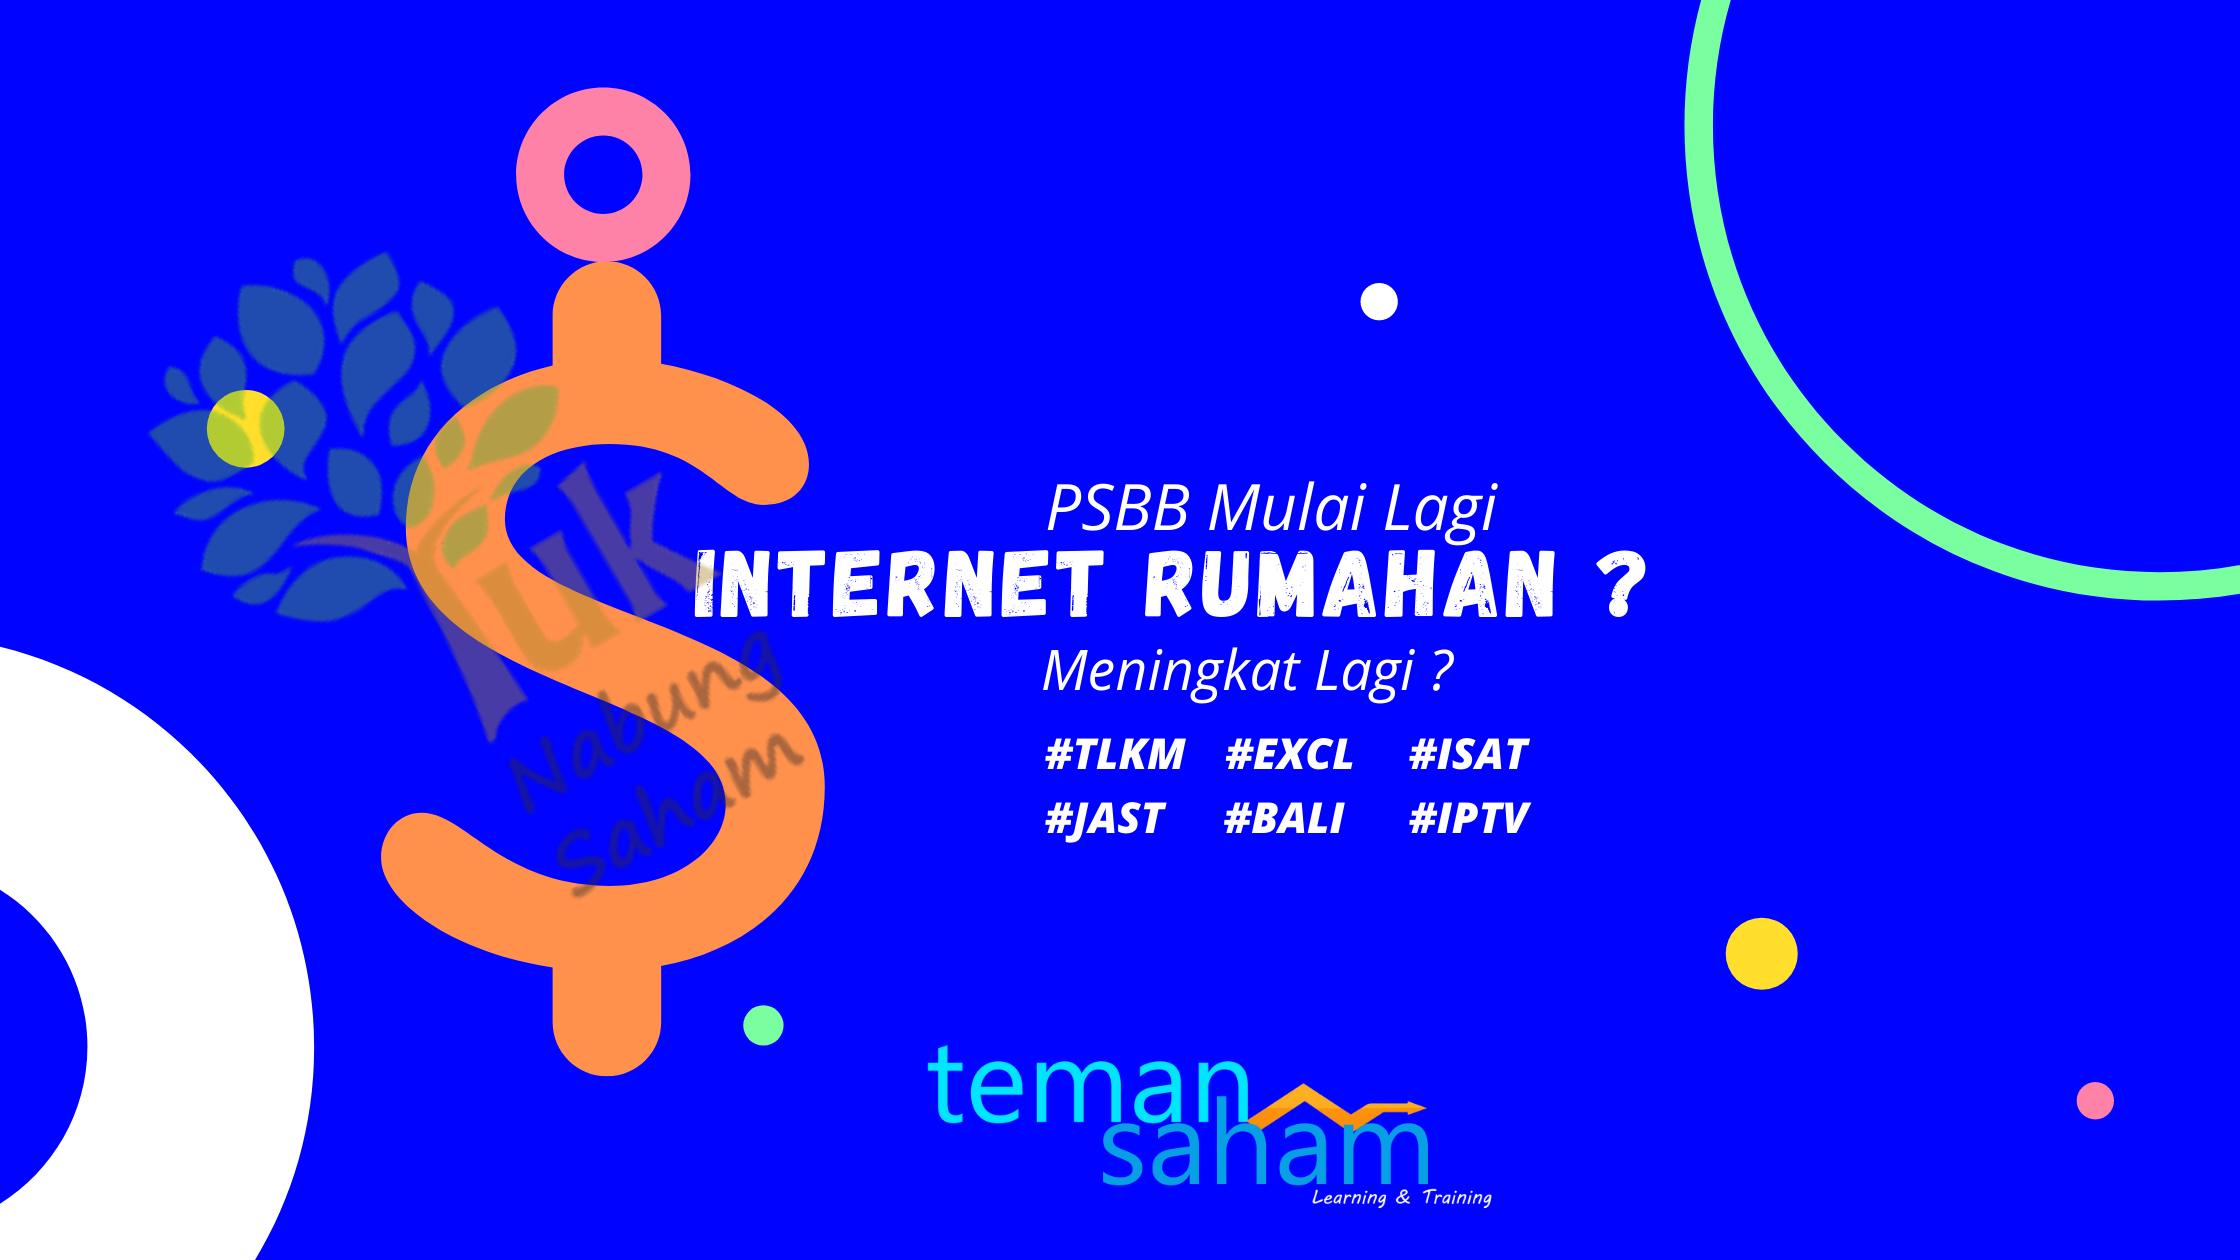 PSBB Kembali , Bagaimana Potensi Bisnis Internet Rumahan